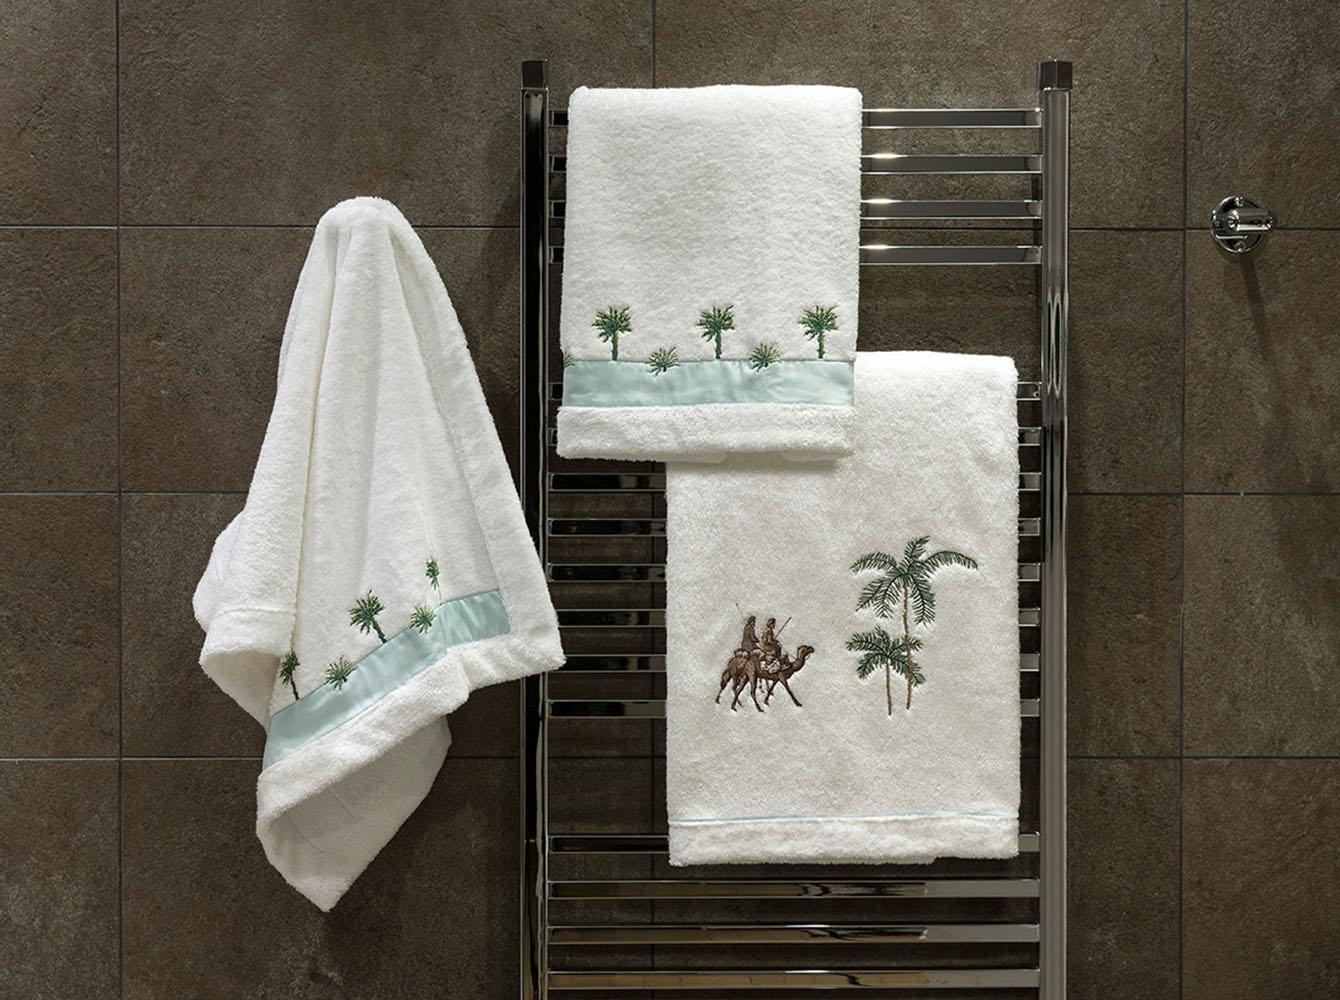 Bath Linen and Homewear